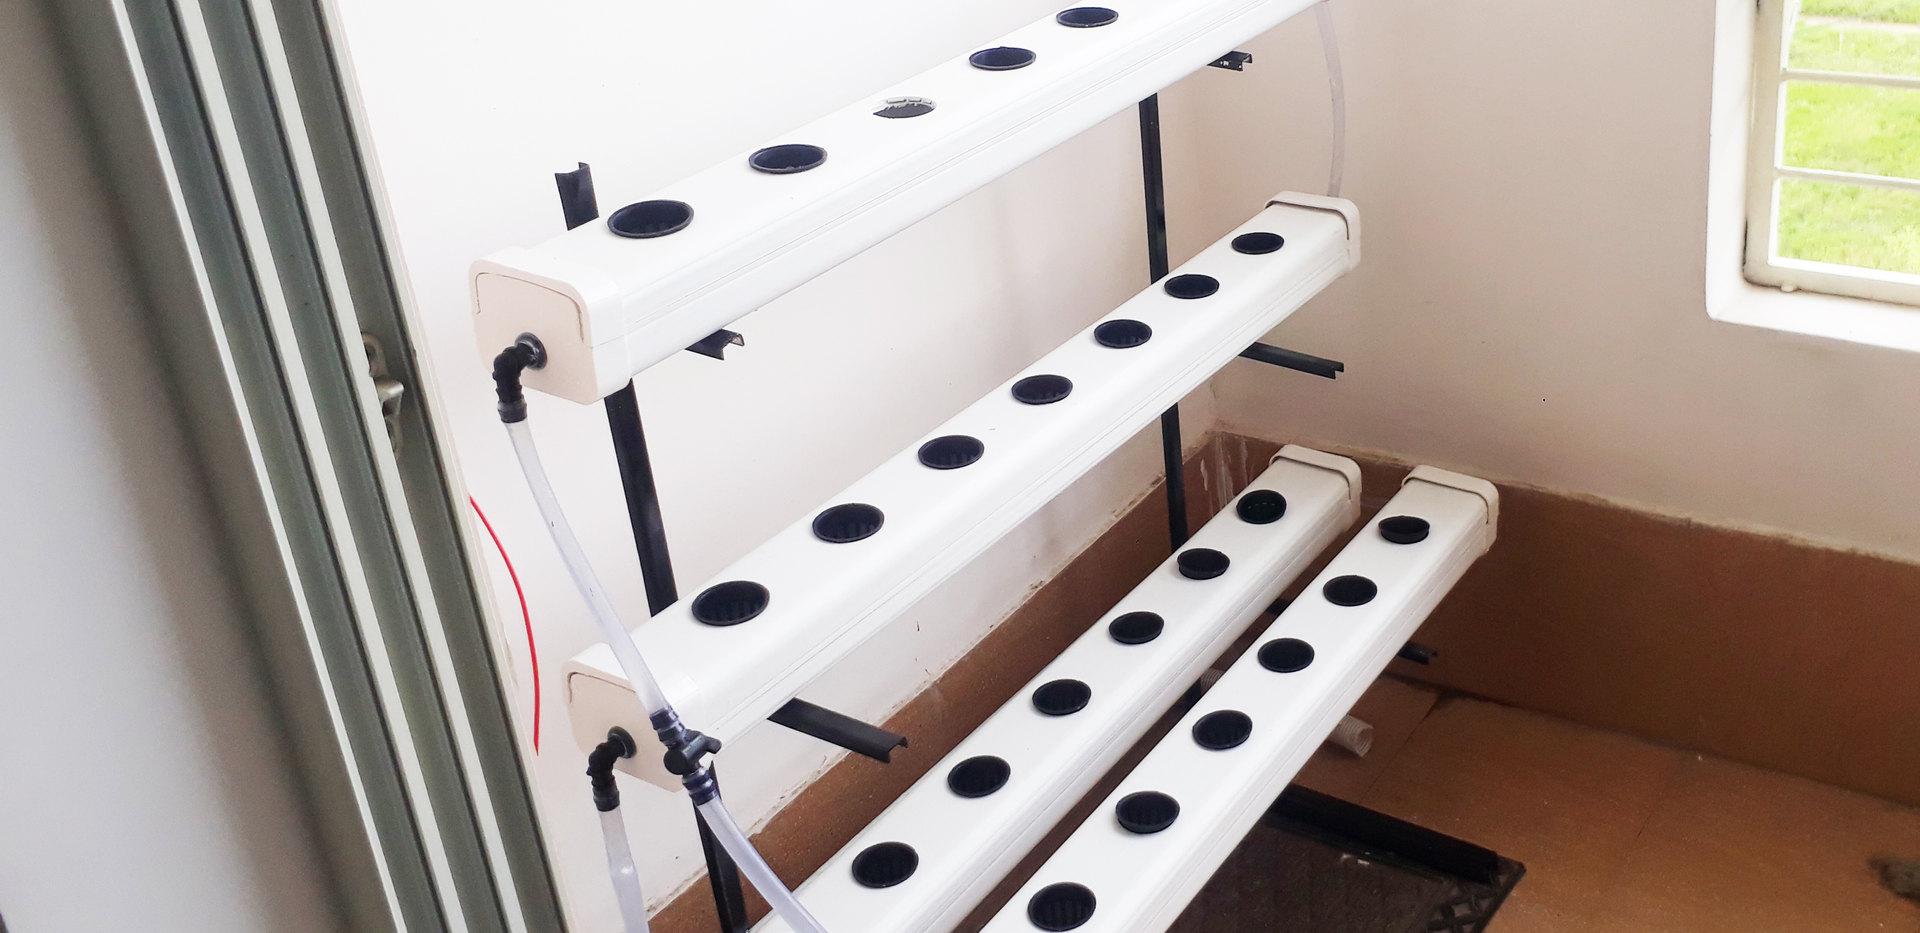 VRI_smallhydroponics System.jpg